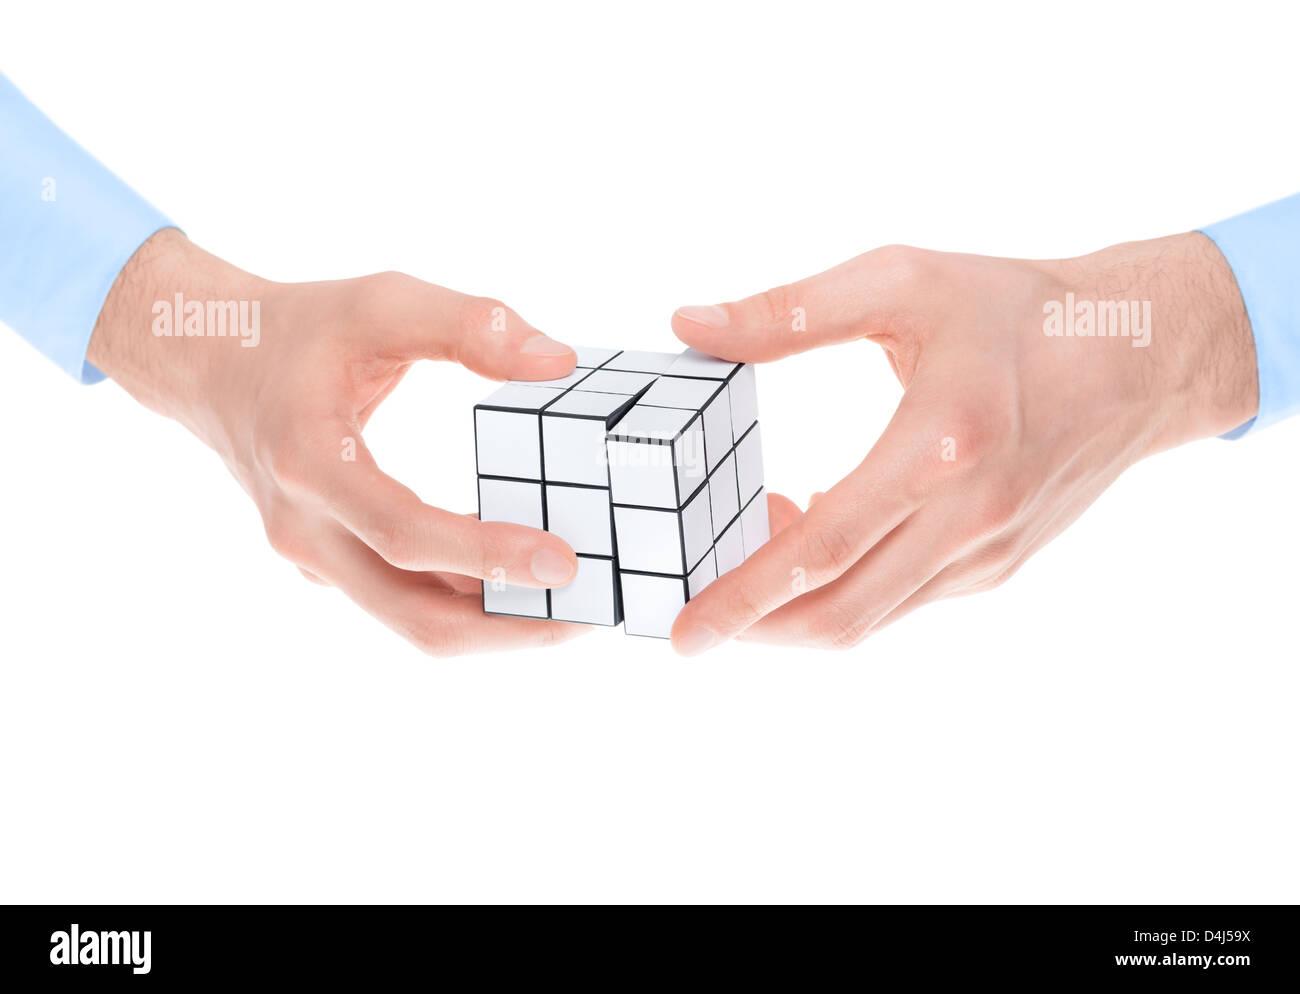 Chemise homme mains dans la résolution d'un puzzle twist blanc vierge. Isolé sur blanc. Banque D'Images